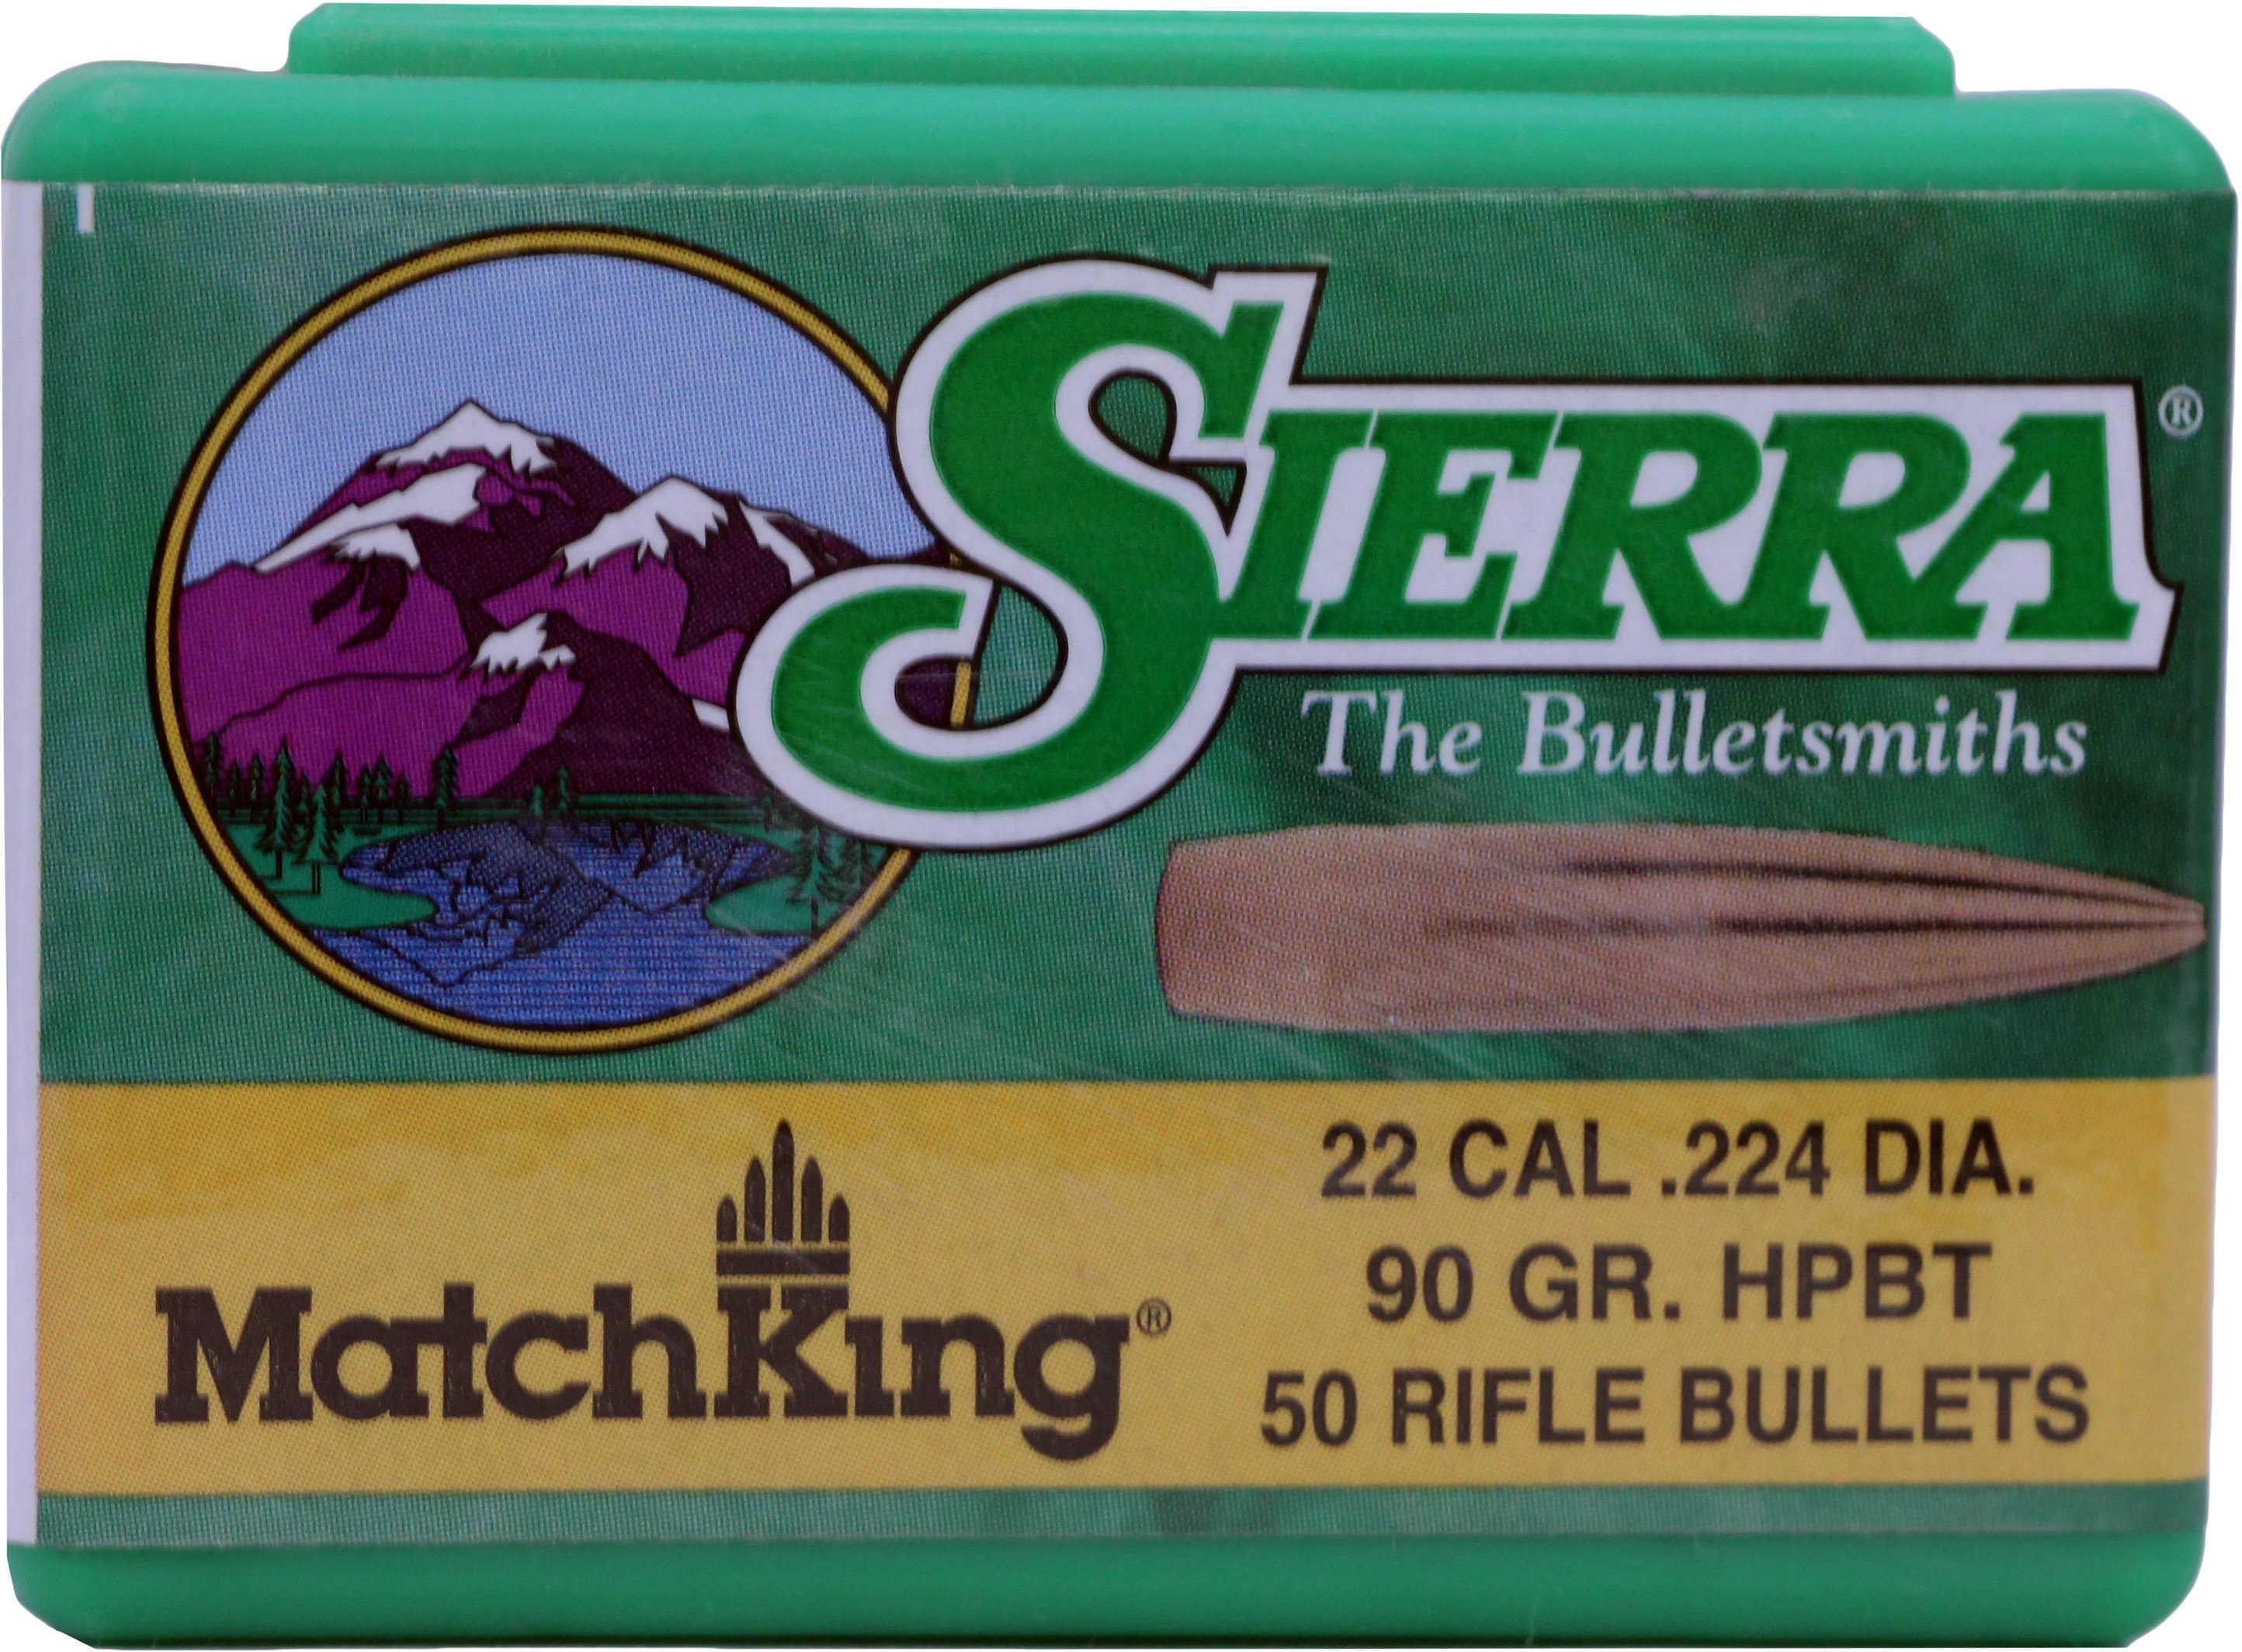 Sierra 22 Caliber (.224) 90 Grains HPBT/50 Md: 9290T